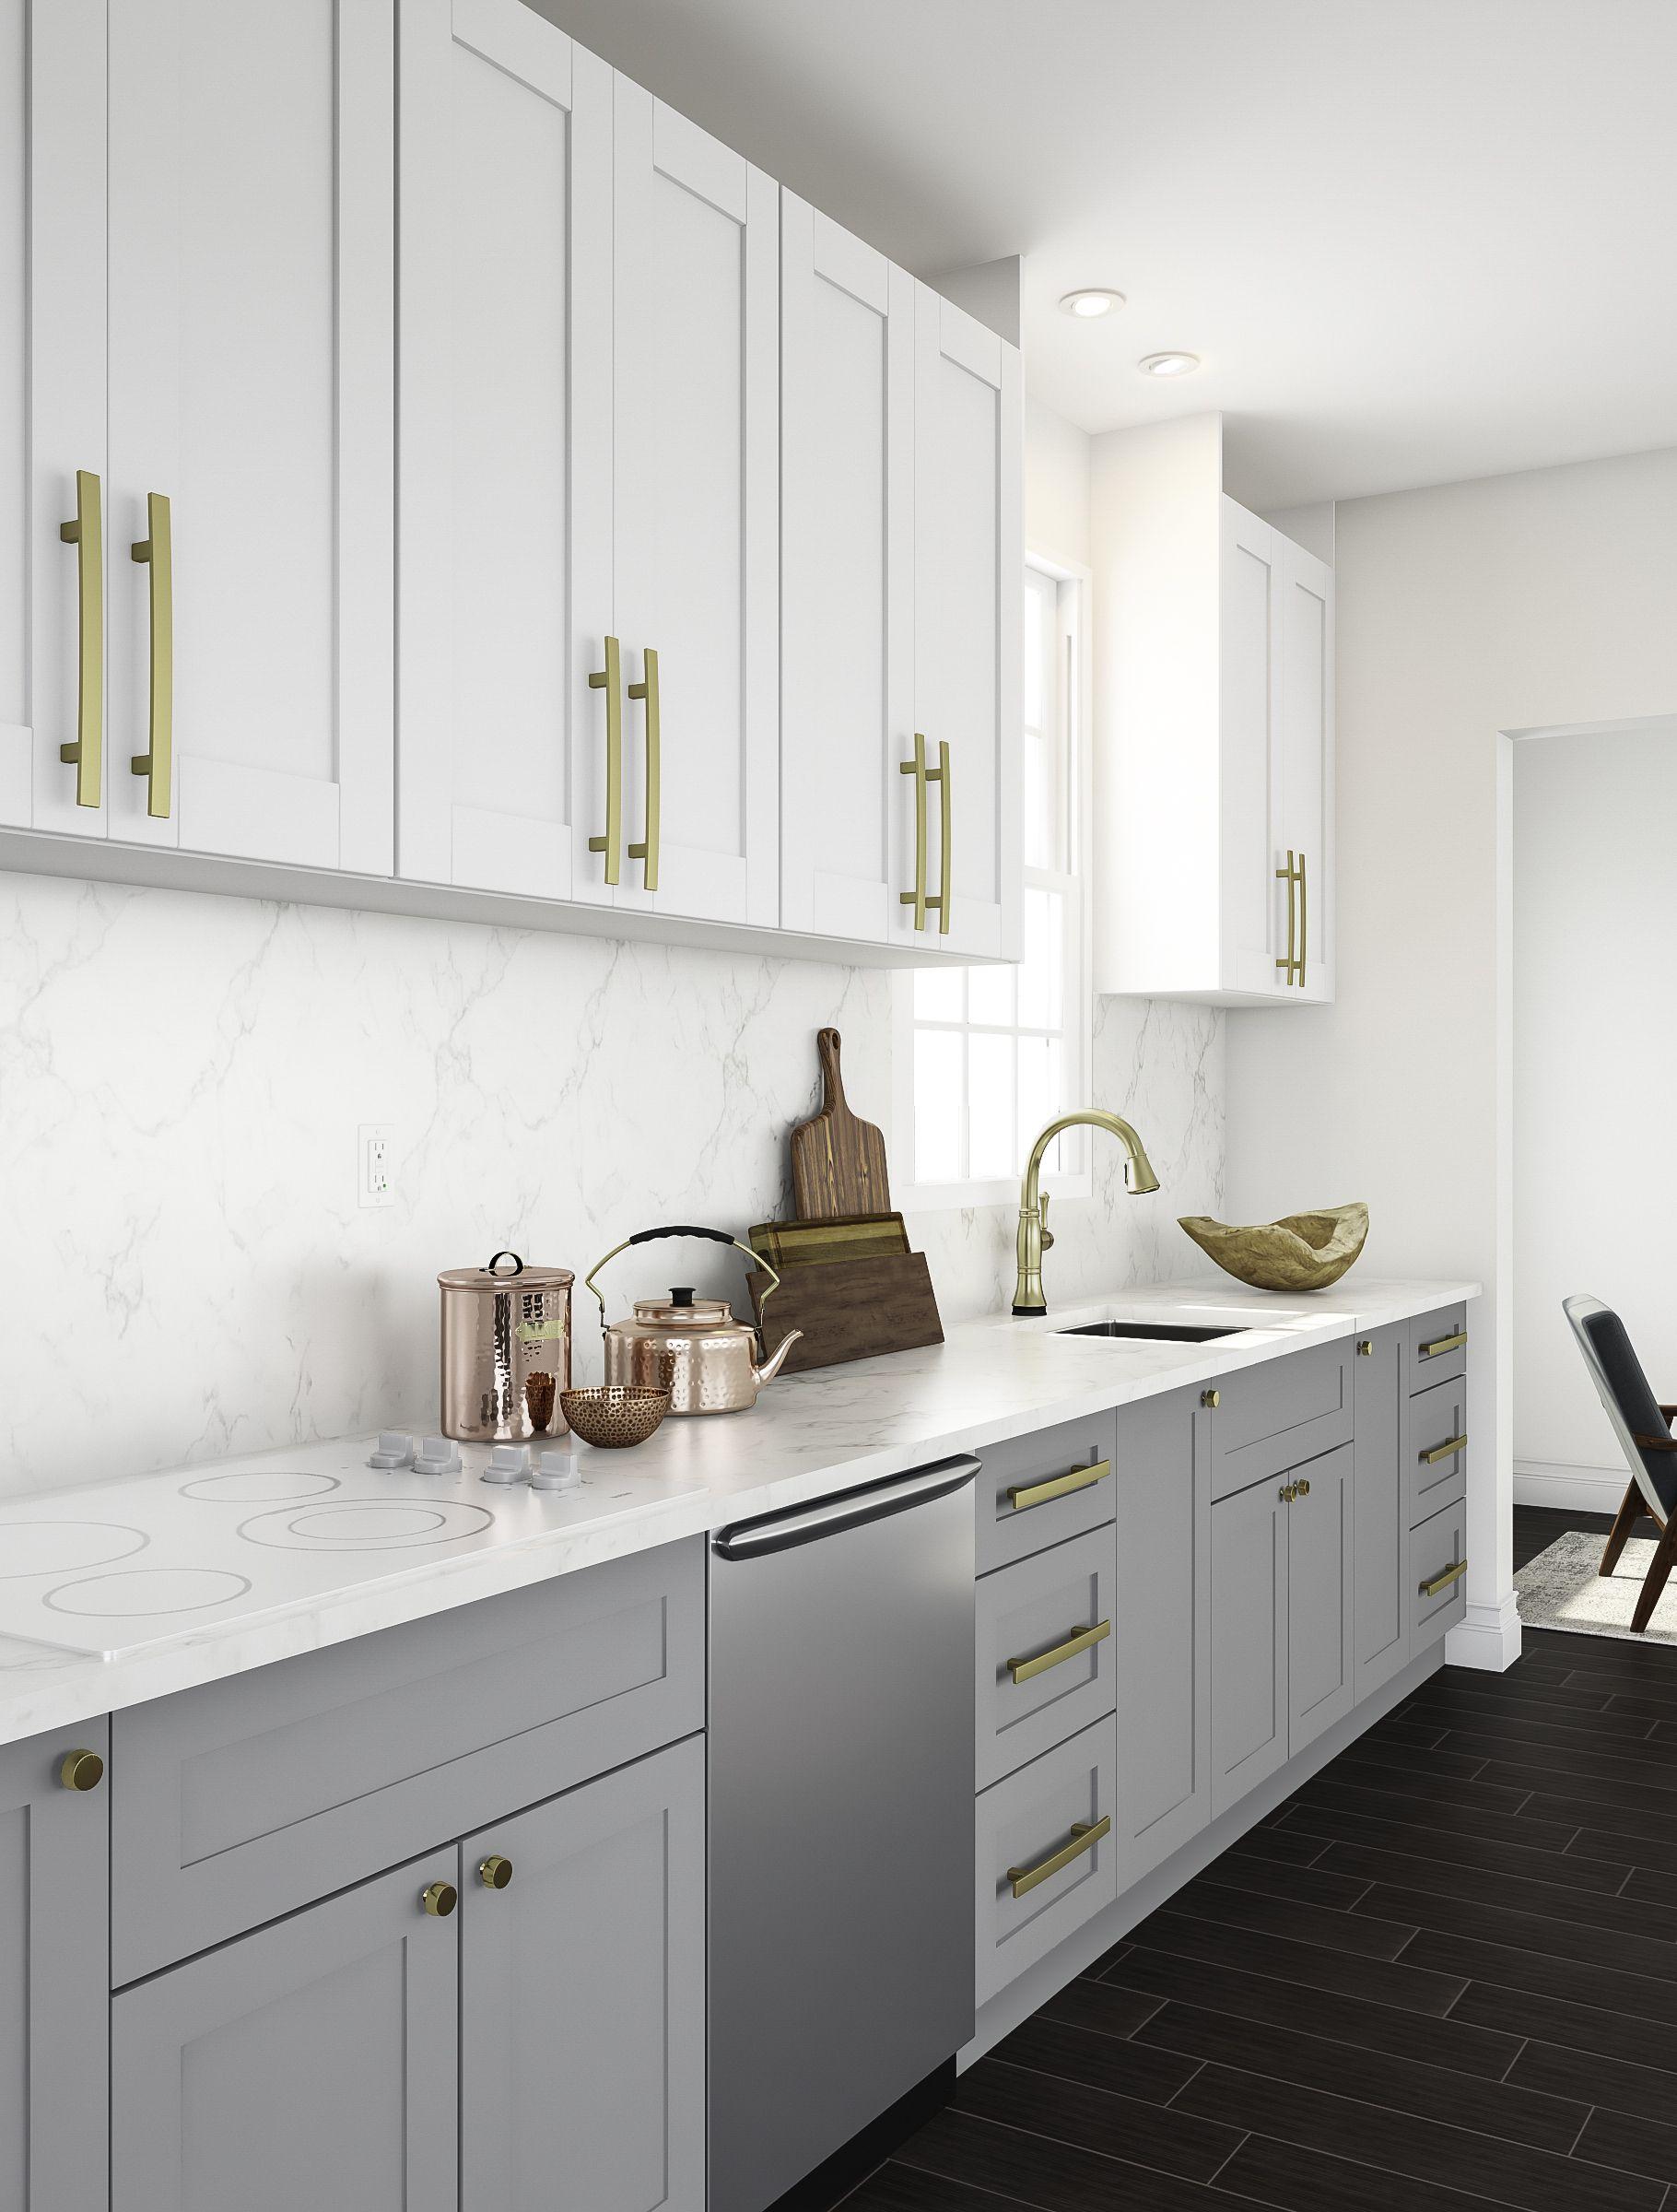 White Kitchen With Bronze Accents Kitchen Cabinet Design Classic Kitchens Luxury Kitchen Design